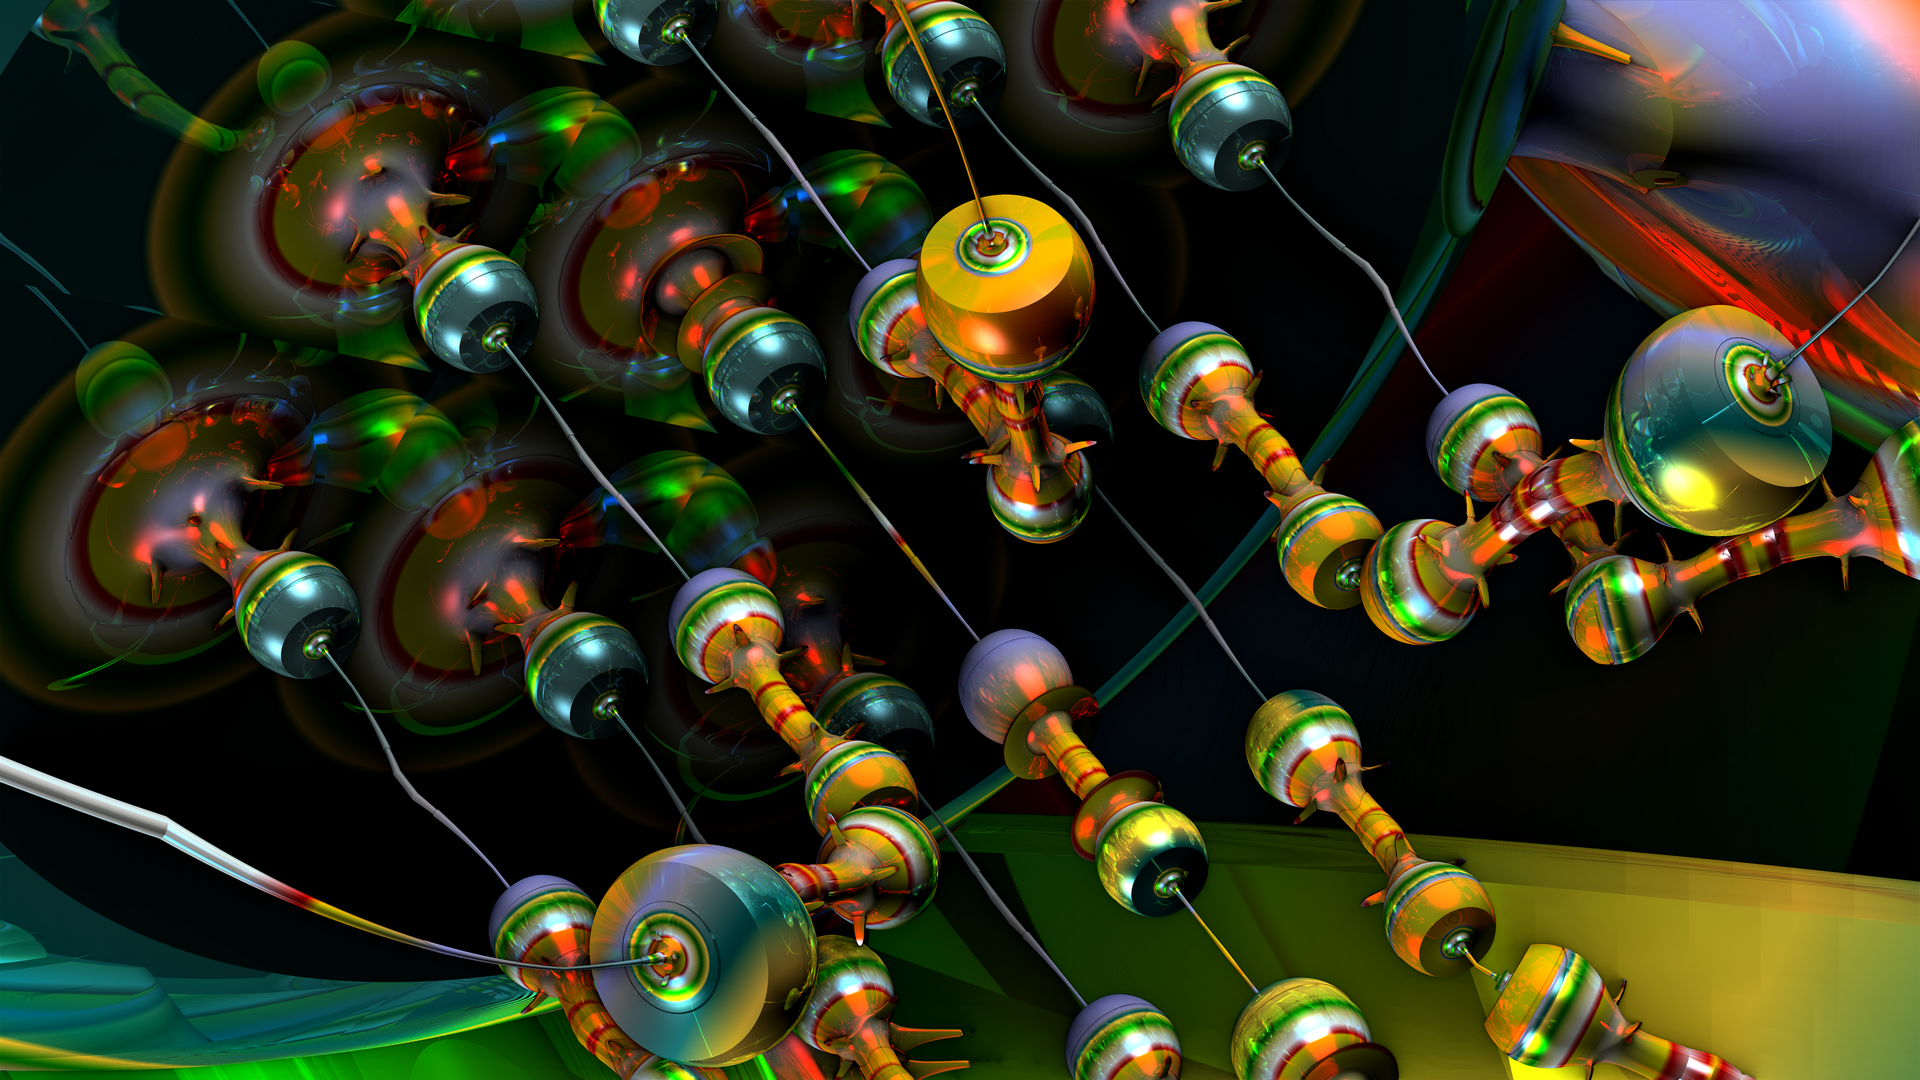 Funky Resistors by GrahamSym